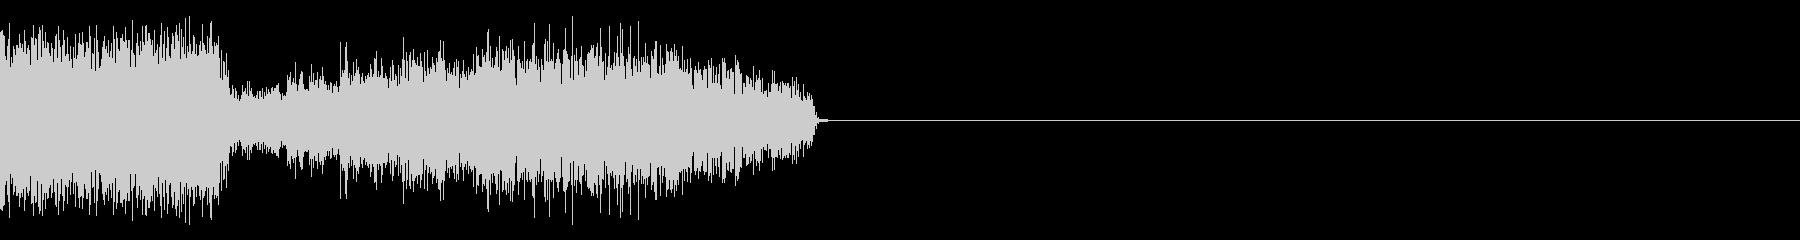 ロボ、SFの未再生の波形